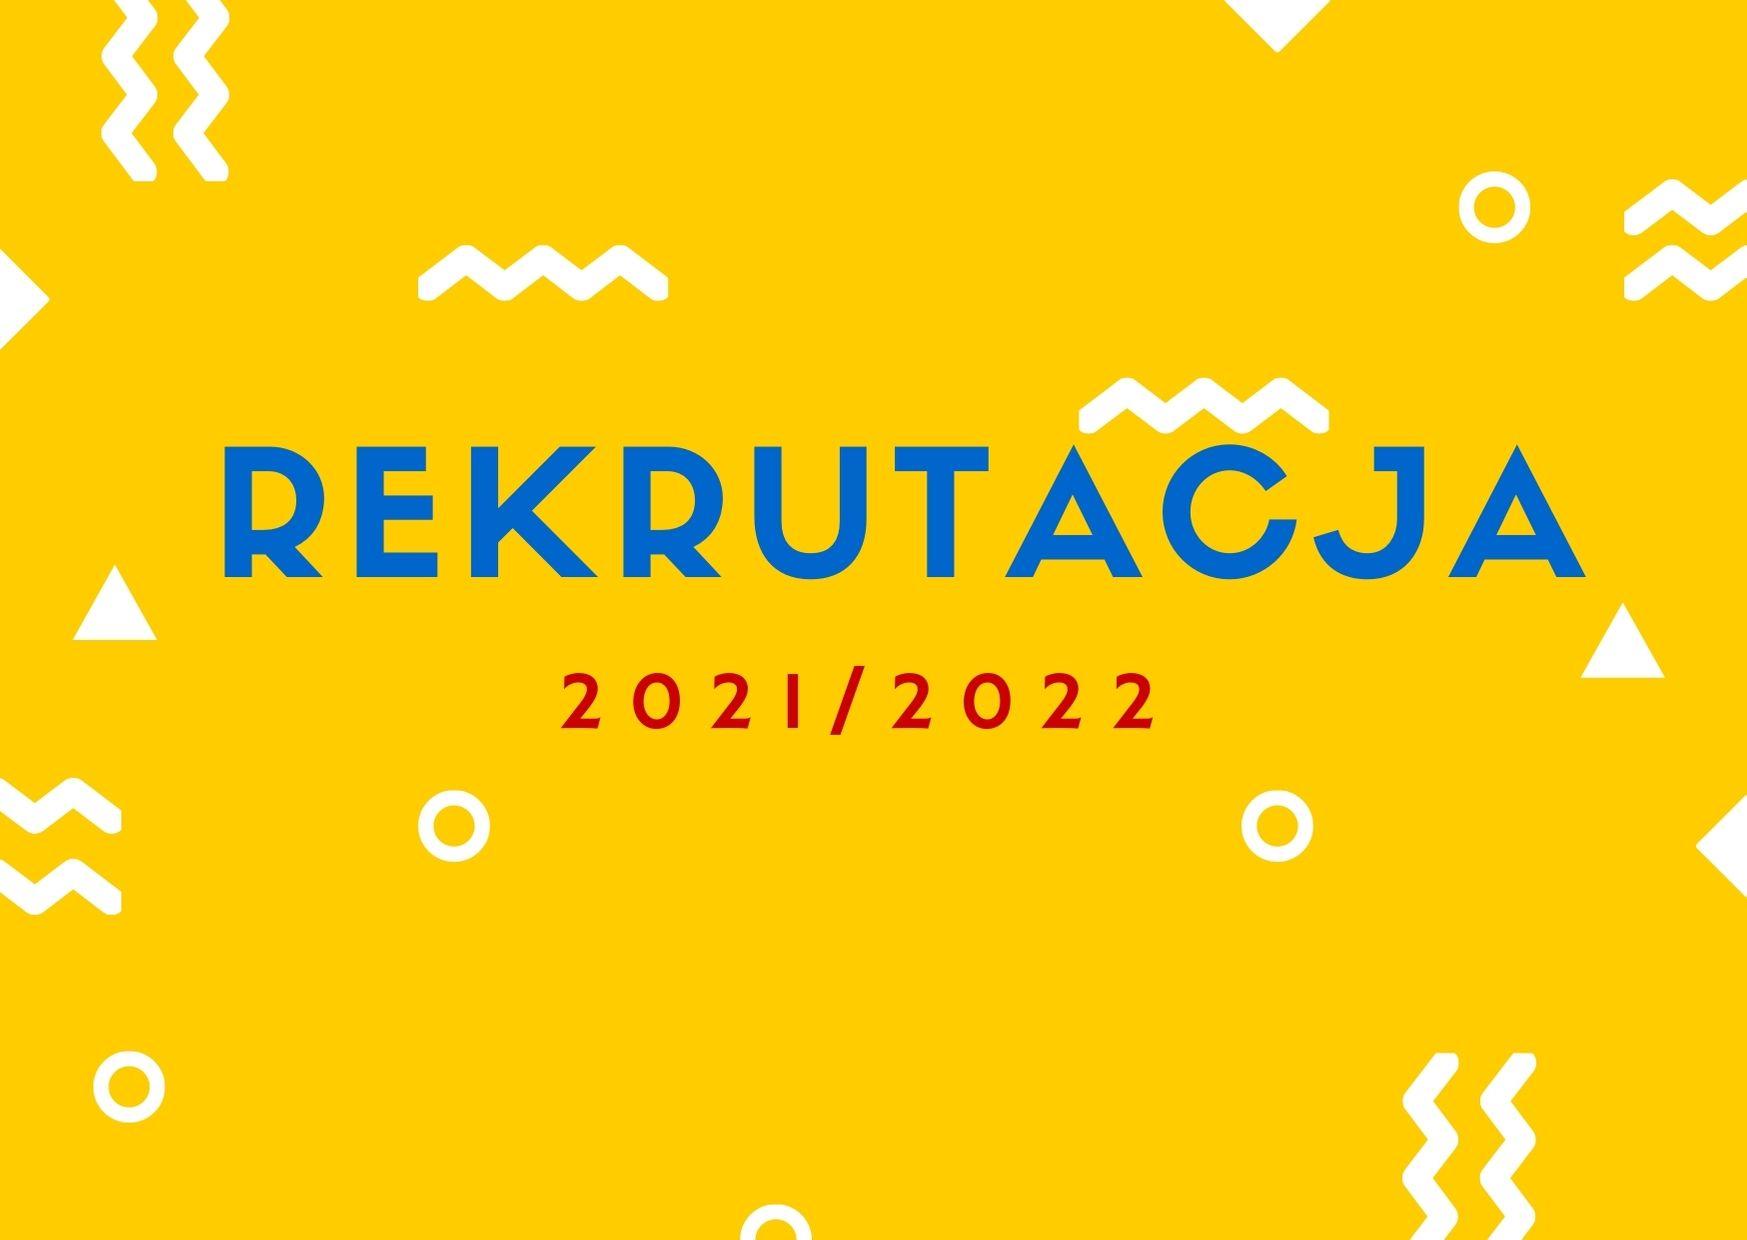 Znalezione obrazy dla zapytania: rekrutacja 2021 22